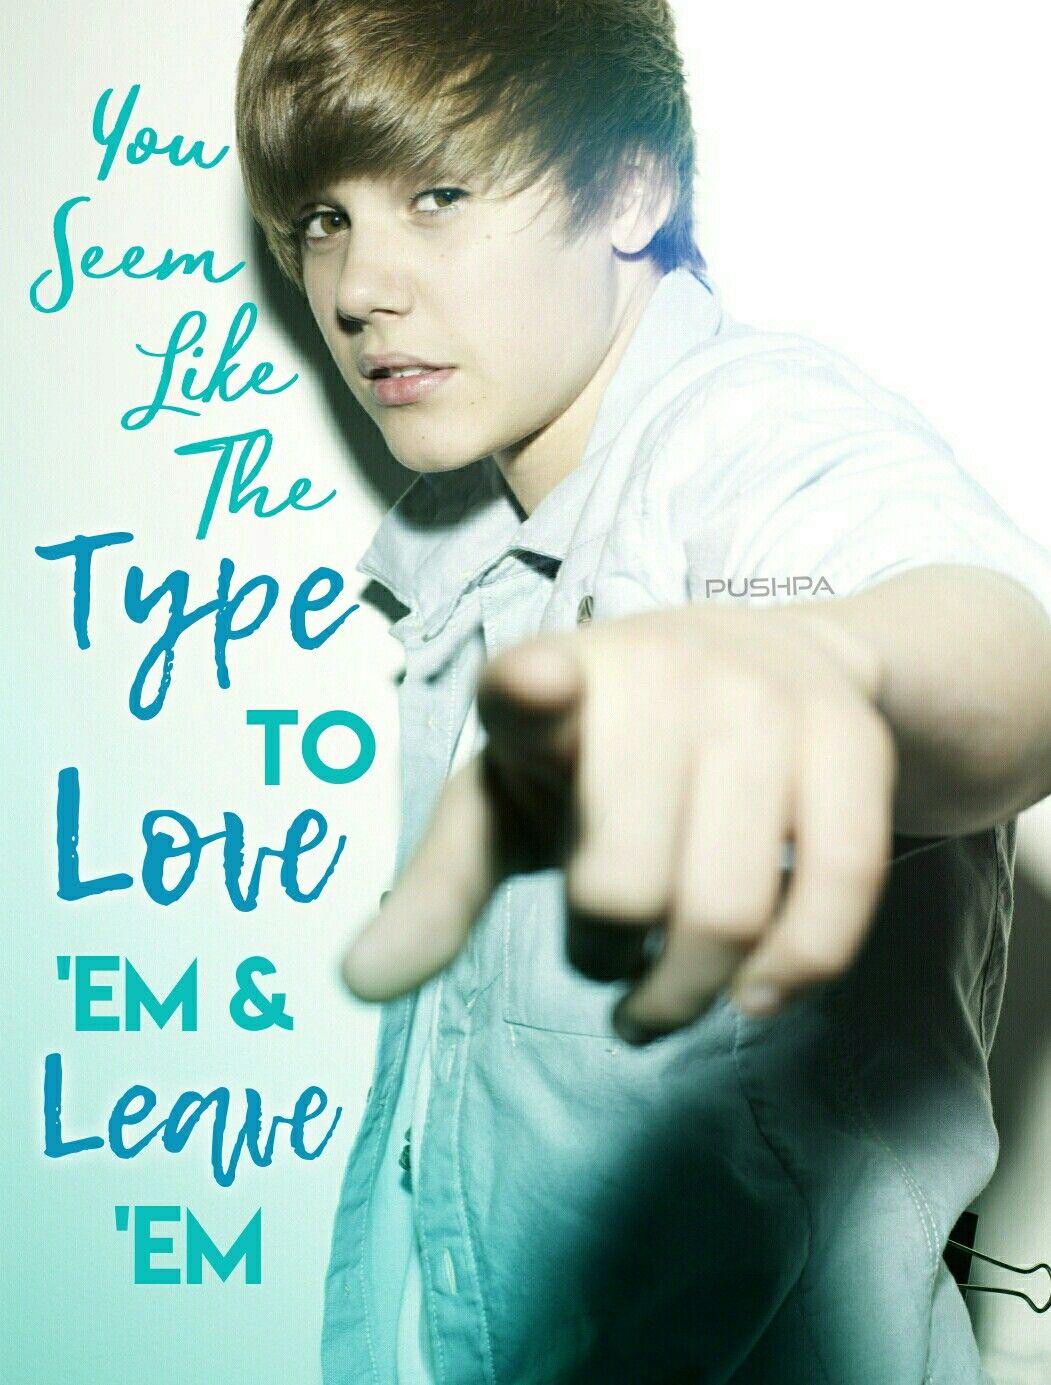 Justin Bieber Eenie Meenie Lyric Edit By Pushpa